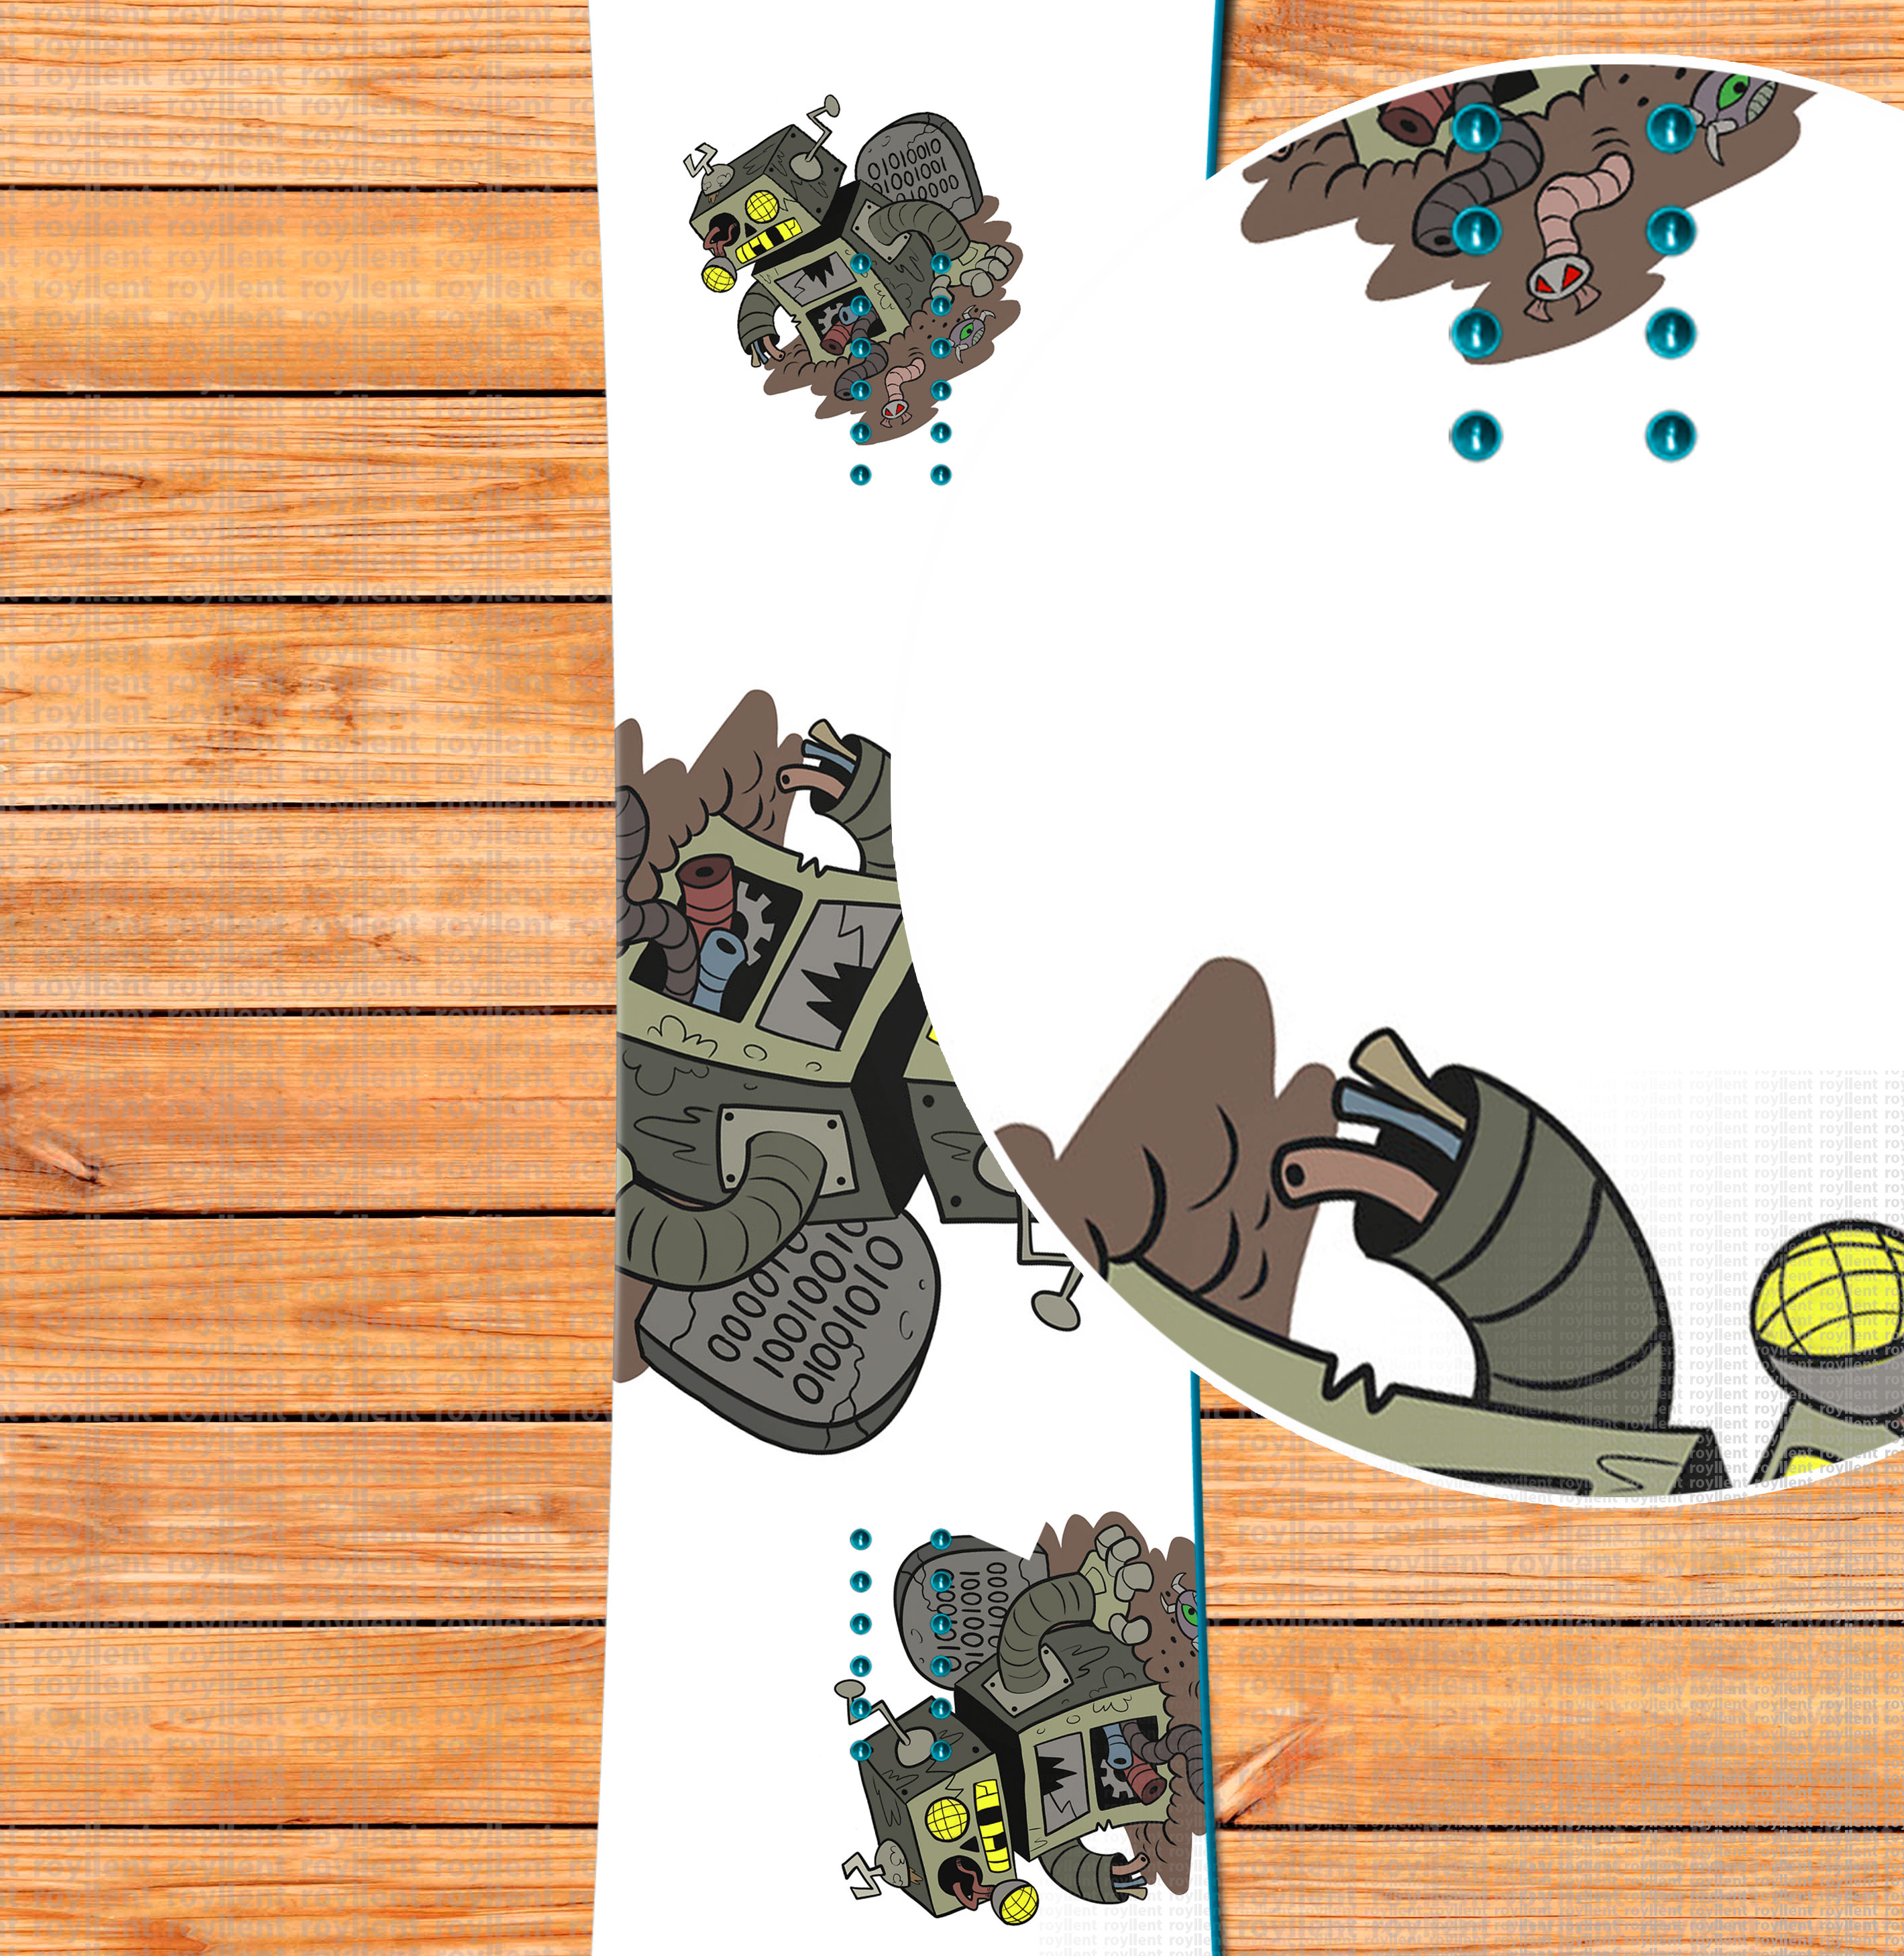 Наклейка, Dagon sticker, Sticker, Наклейка Royllent, наклейка на сноуборд, виниловая наклейка на доску, стикер на сноуборд, стикер на доску, ,Шерегеш, Екатеренбург, Красная поляна, Питер, Москва, доставка по России наклейка на сноуборд, наклейка интернет магазин